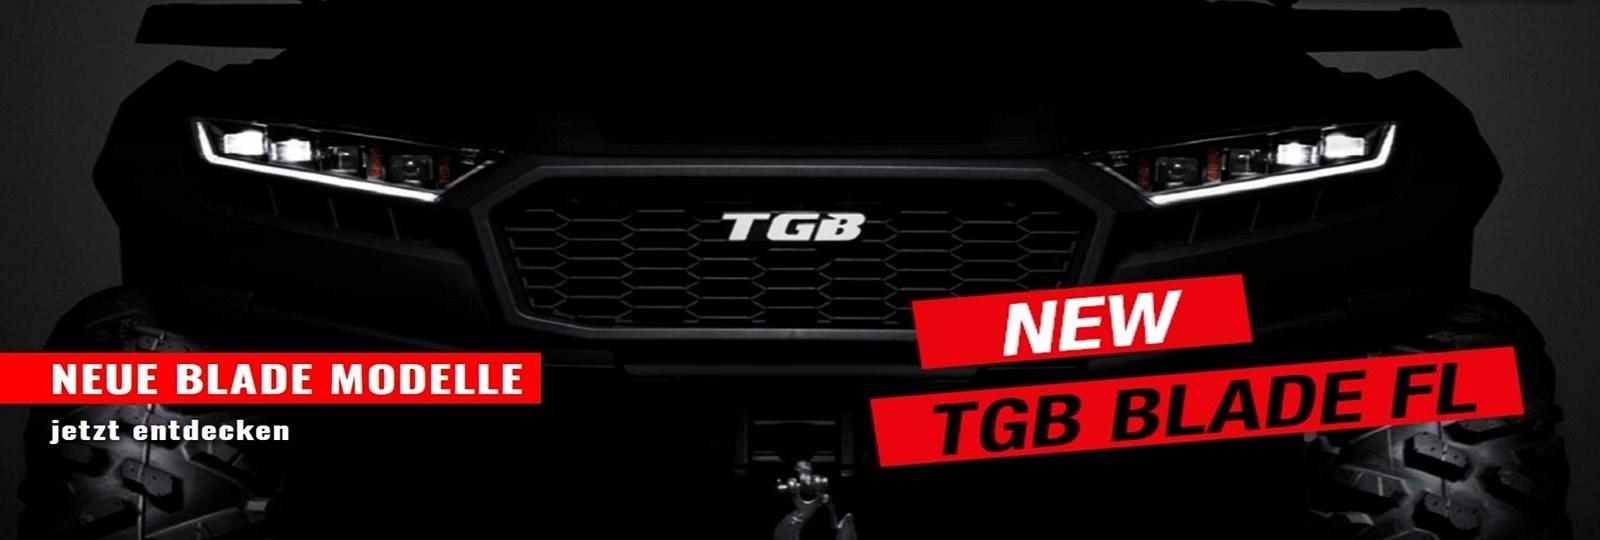 Neue TGB Blade Modelle